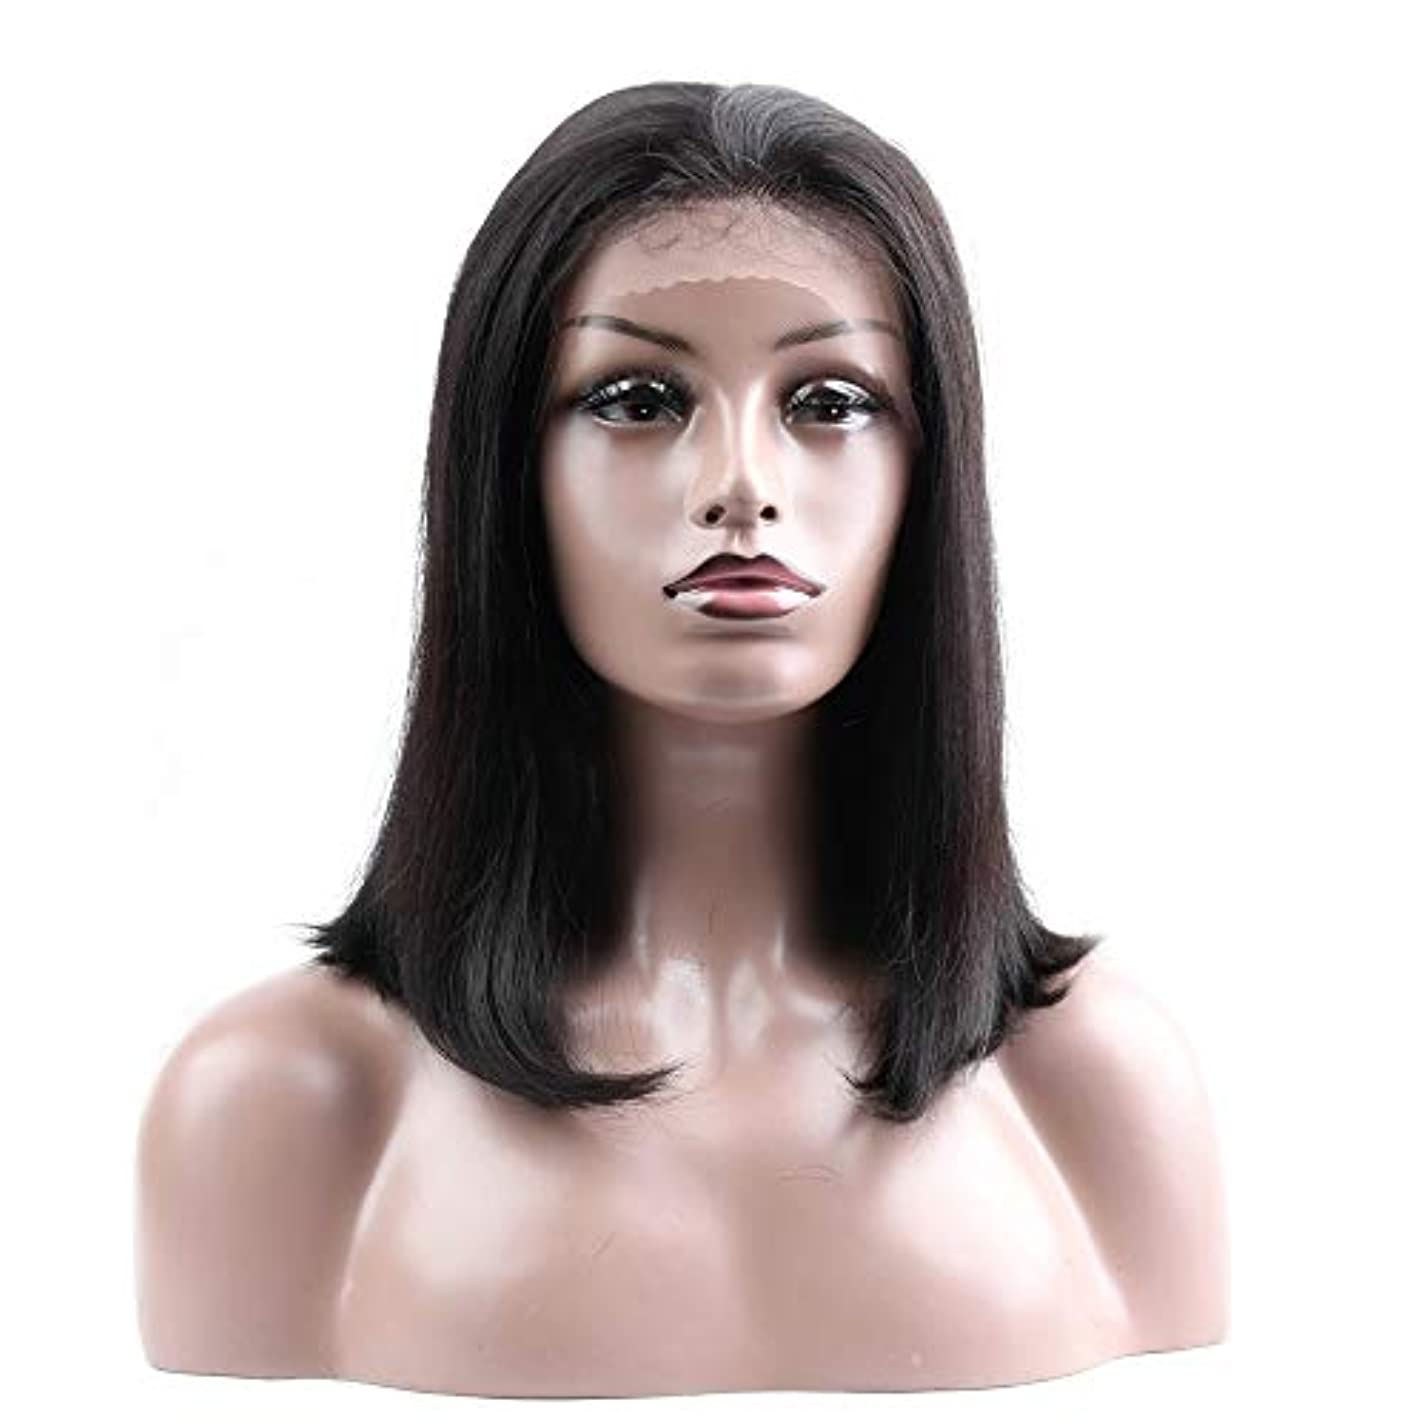 膨張する苦しめる合成JULYTER ショートボブウィッグレースフロントウィッグ無料のパーツ黒人間の髪の毛の生物学的外観毎日のかつら (色 : 黒, サイズ : 18 inch)